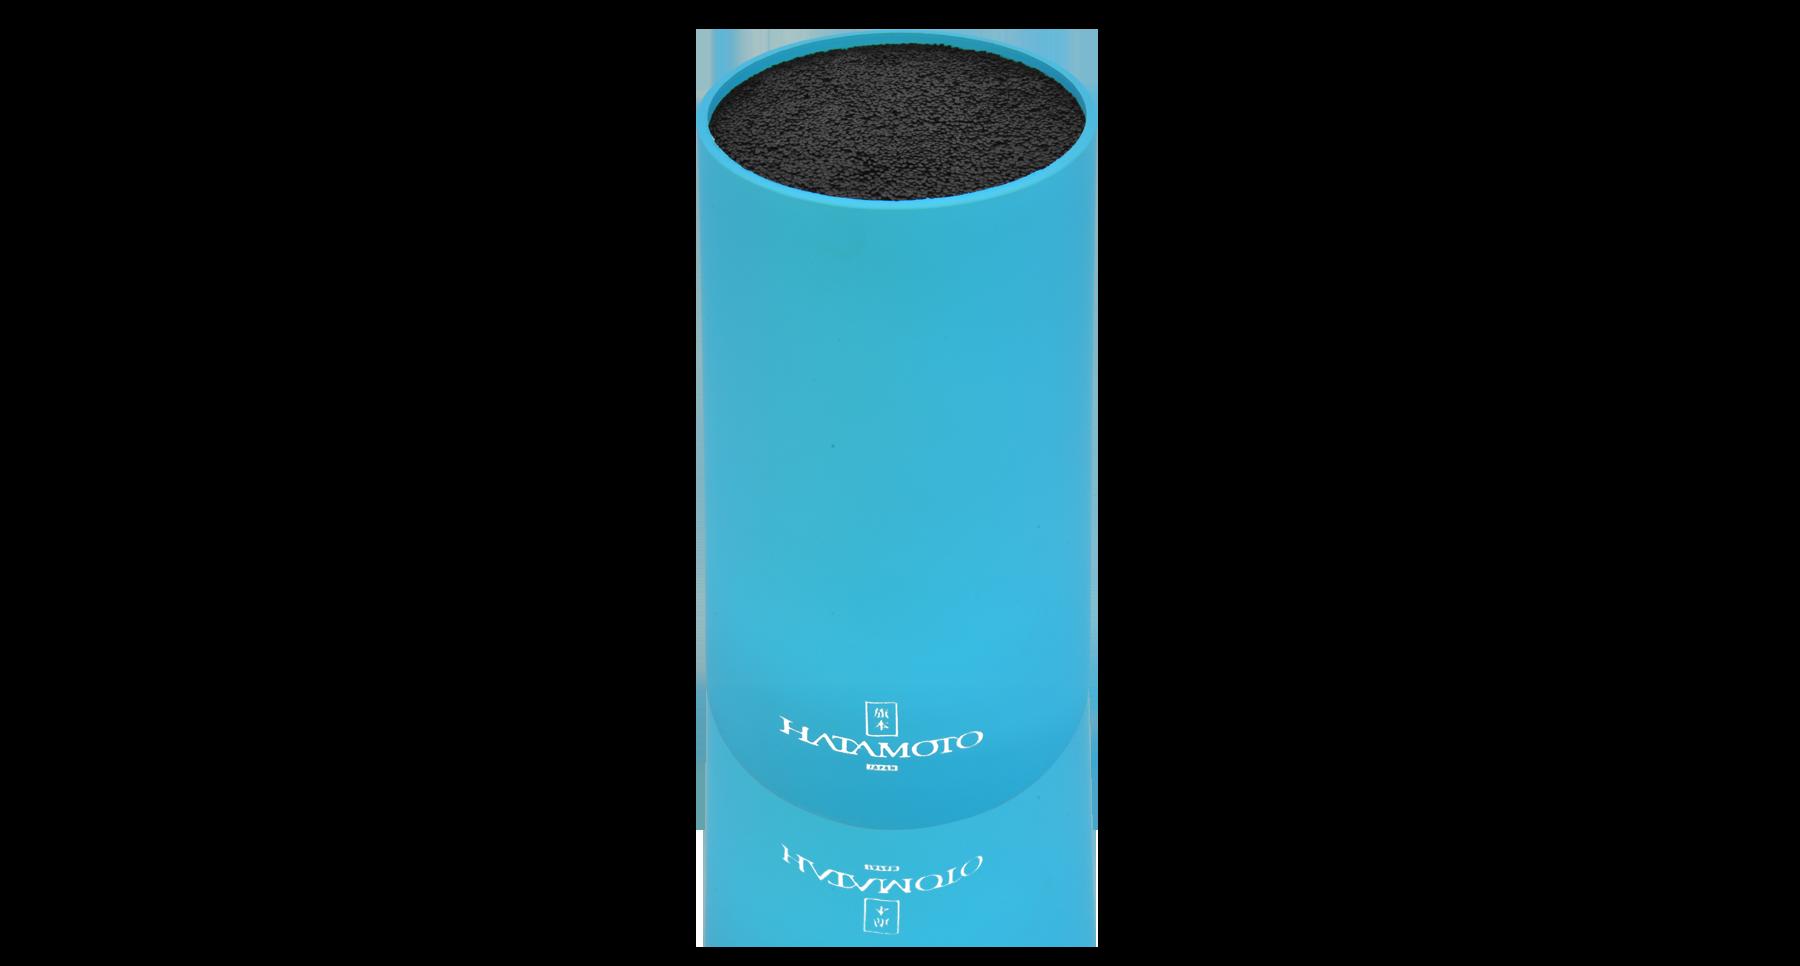 Подставка для ножей круглая HATAMOTO COLOR, голубая, пластик, 110*225ммTojiro<br>Подставка для ножей круглая HATAMOTO COLOR, голубая, пластик, 110*225мм<br>